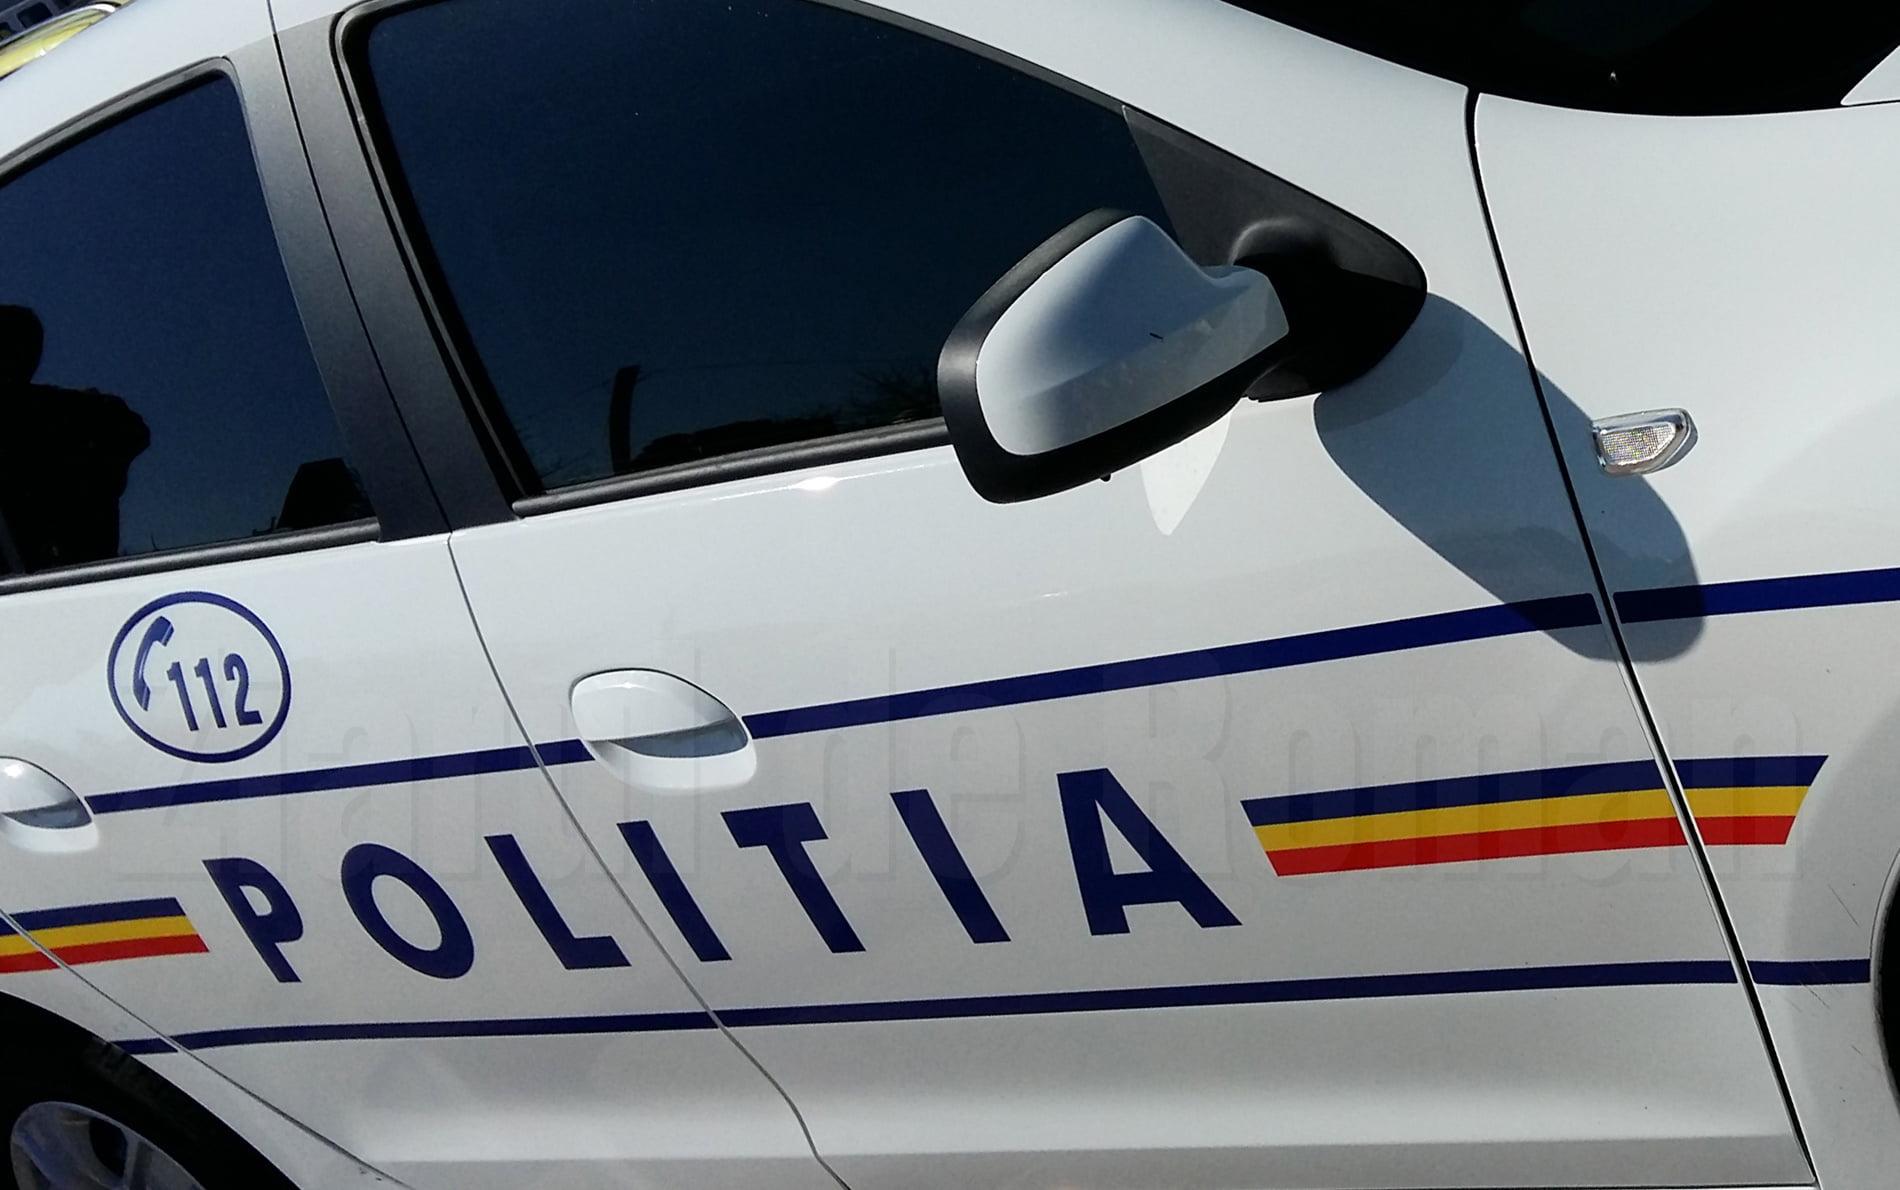 Șofer băut și fără permis, urmărit de polițiști la Bîra